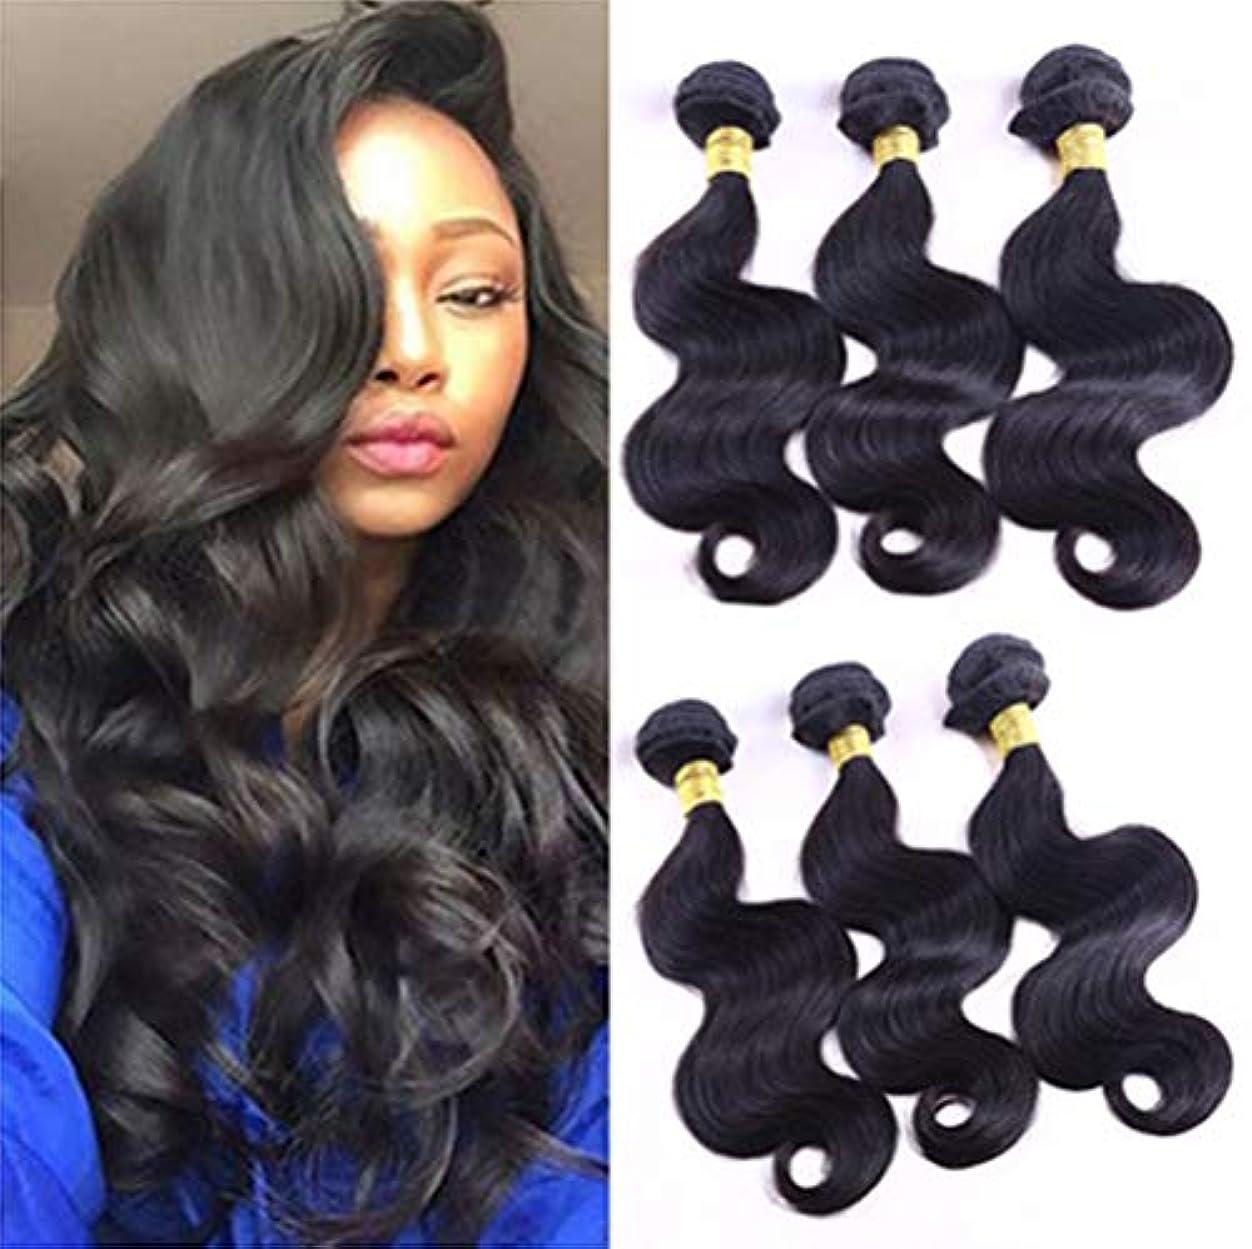 収容する不完全祈り女性の髪織り密度150%ブラジル髪バンドル実体波バージンヘアバンドル実体波人間の髪の毛